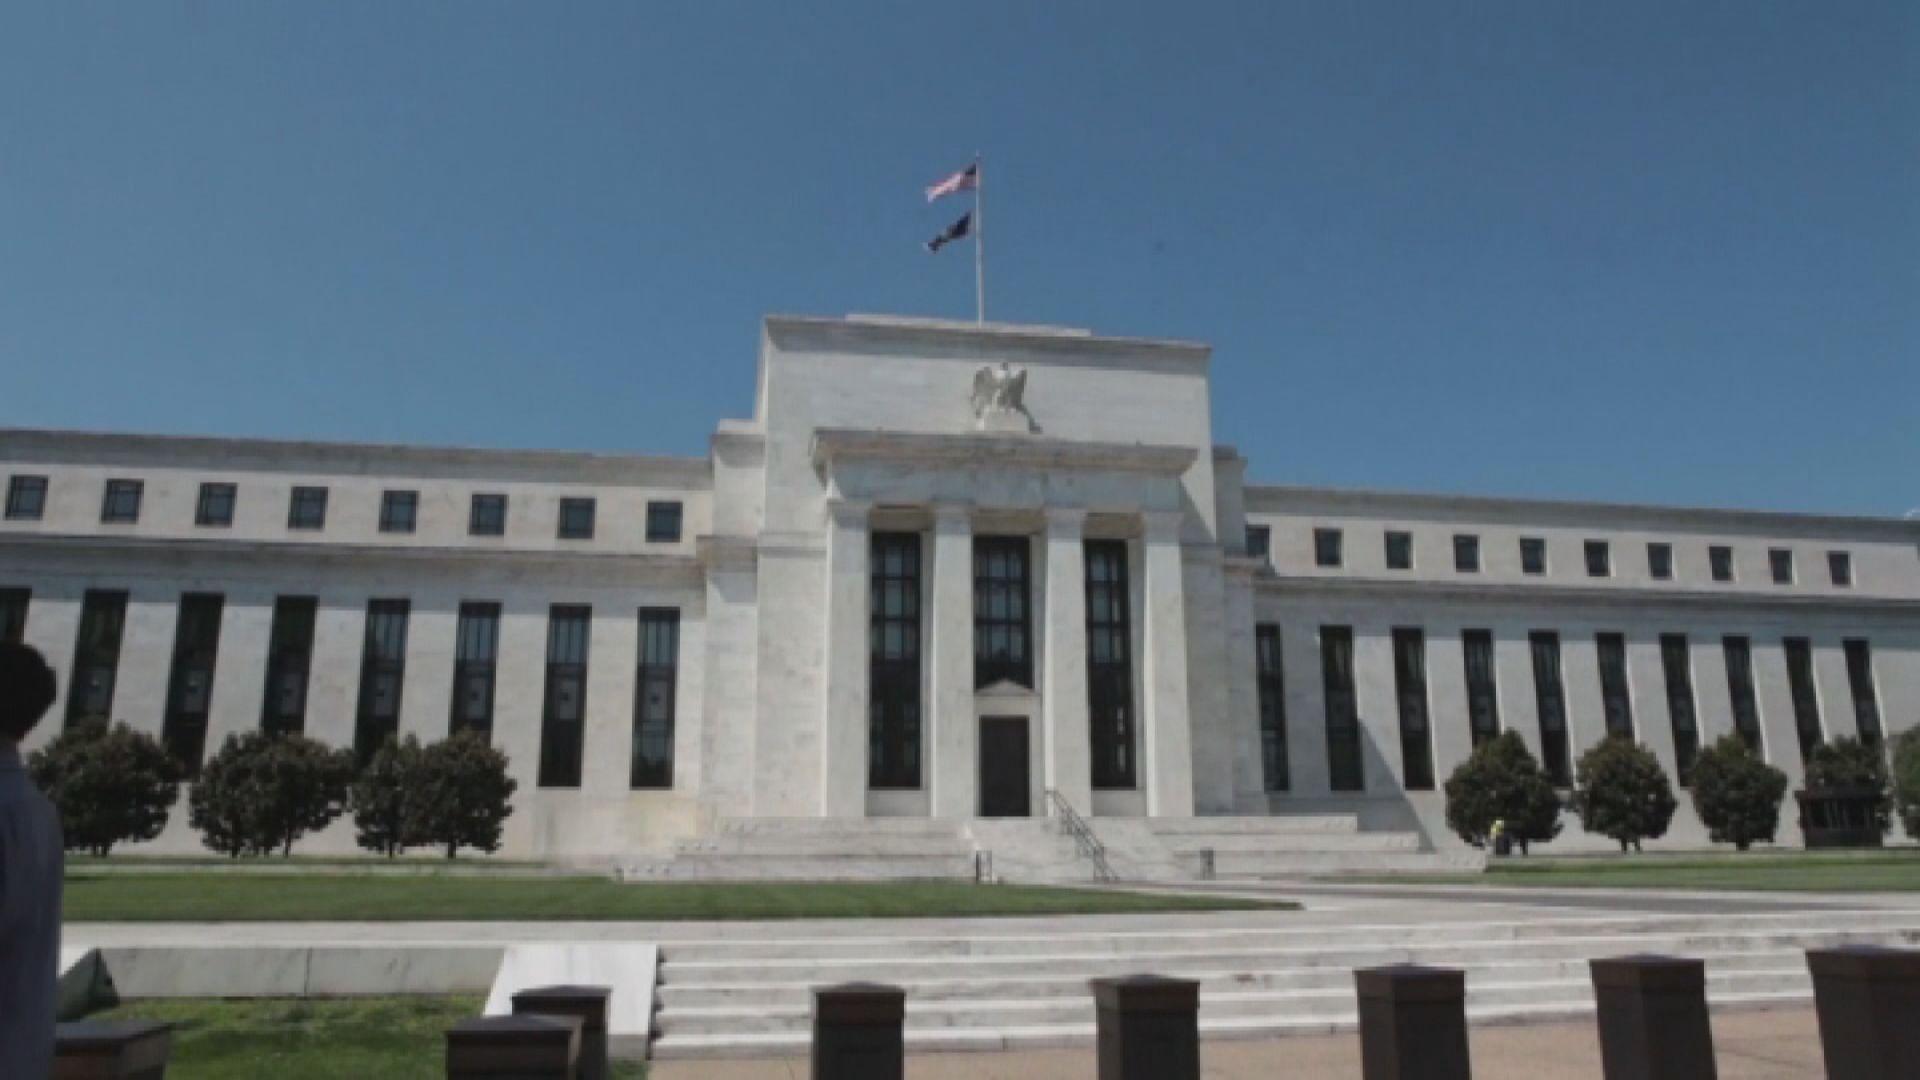 鮑威爾: 美國經濟近幾個月復甦步伐已經放緩